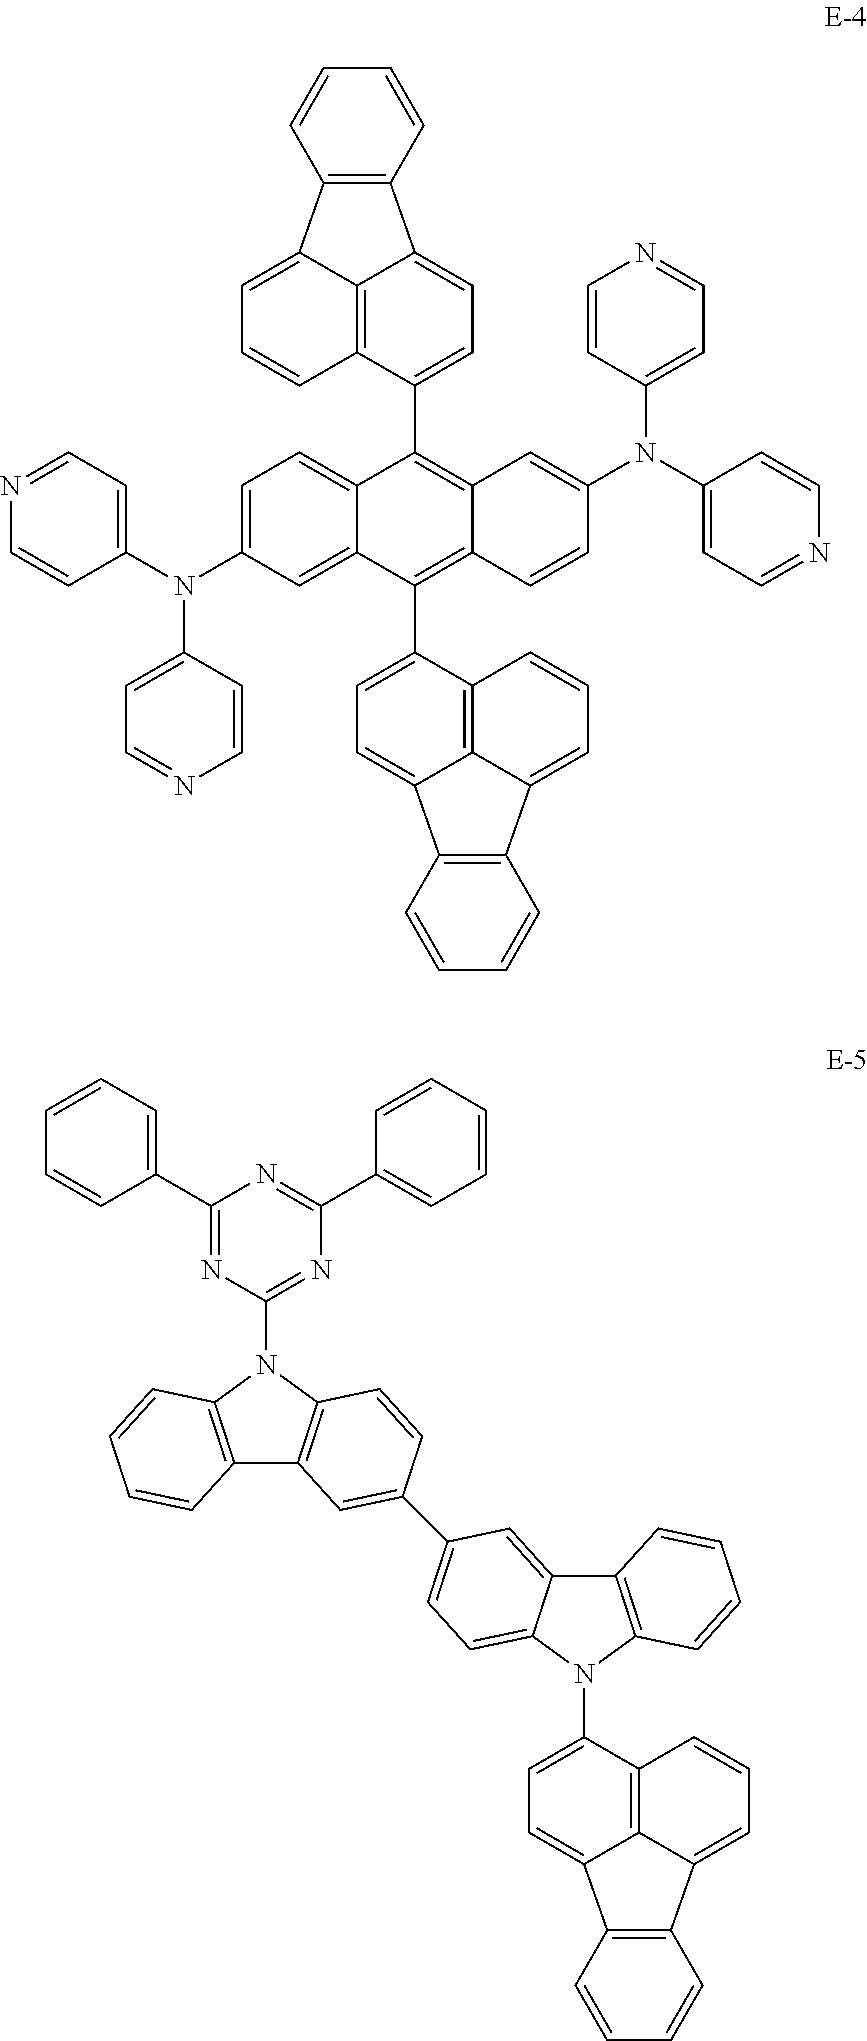 Figure US20150280139A1-20151001-C00146